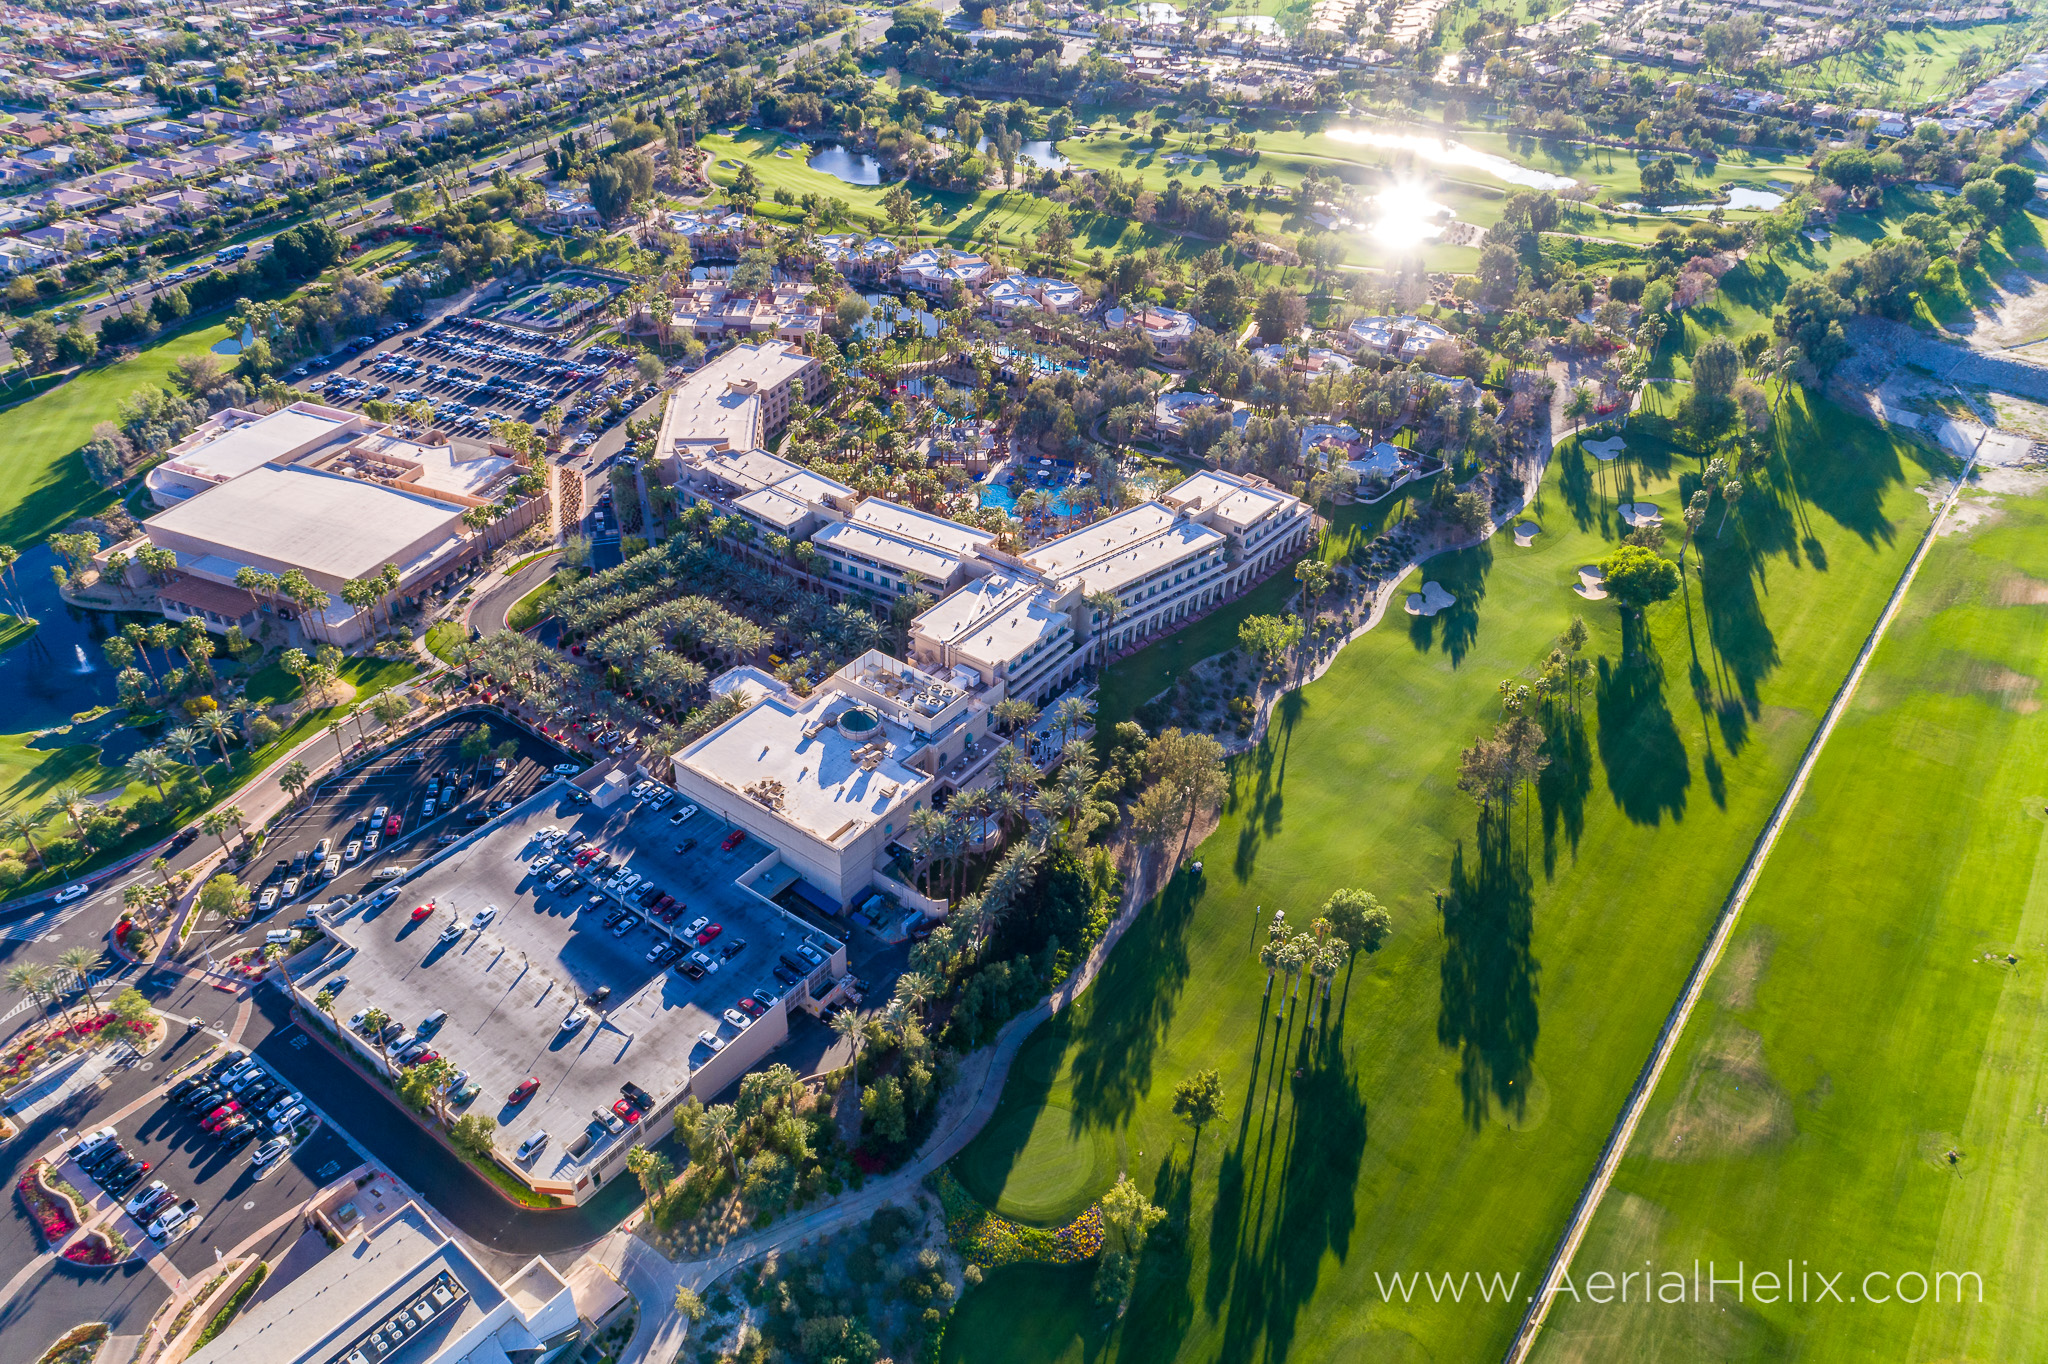 Hyatt Regency Indian Wells Aerial 1-33.jpg